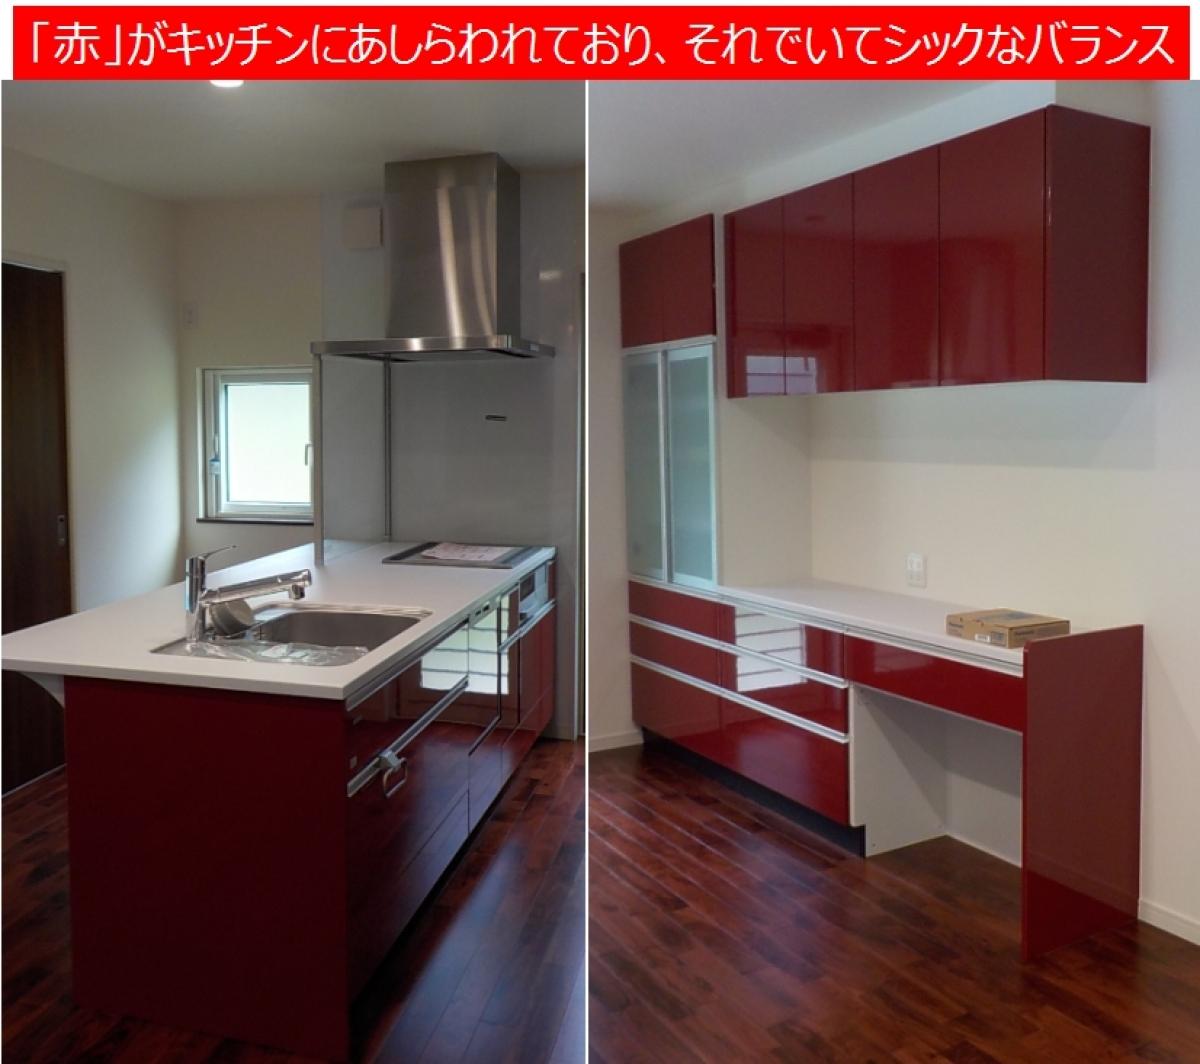 広島の新築・リフォーム・増改築「プレザーホーム」 施工例「赤」がキッチンにあしらわれており、それでいてシックなバランス」